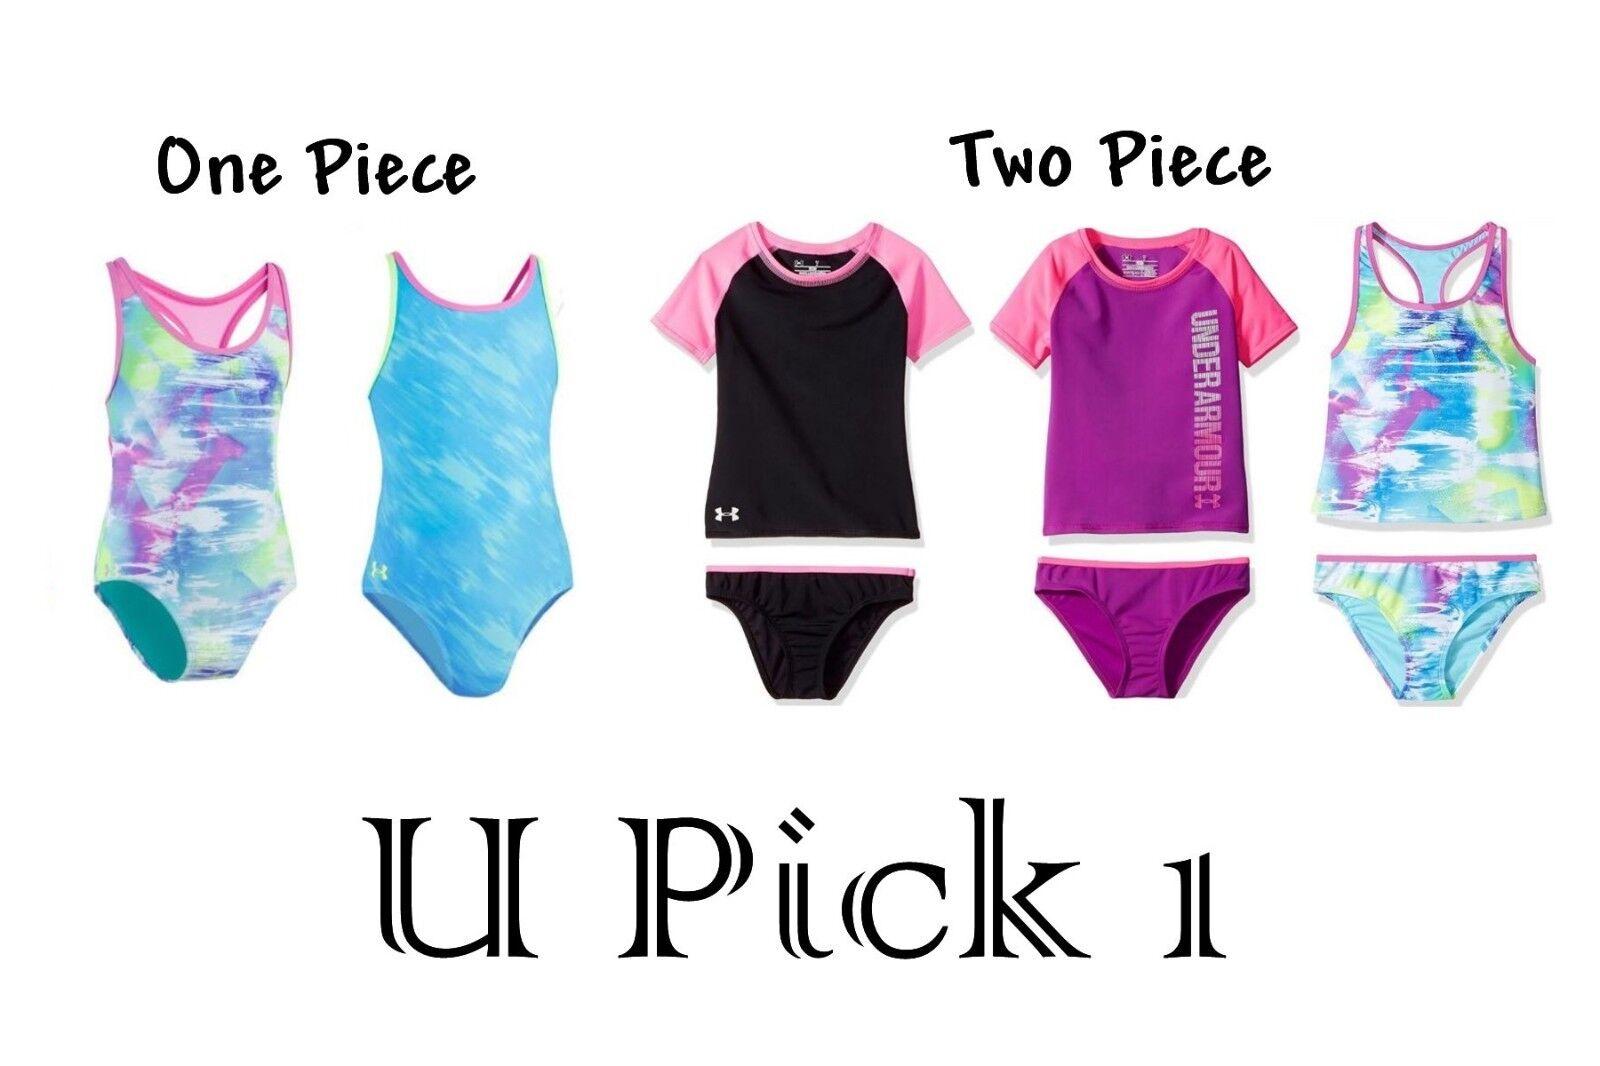 swimsuit 1 or 2 piece set tankini